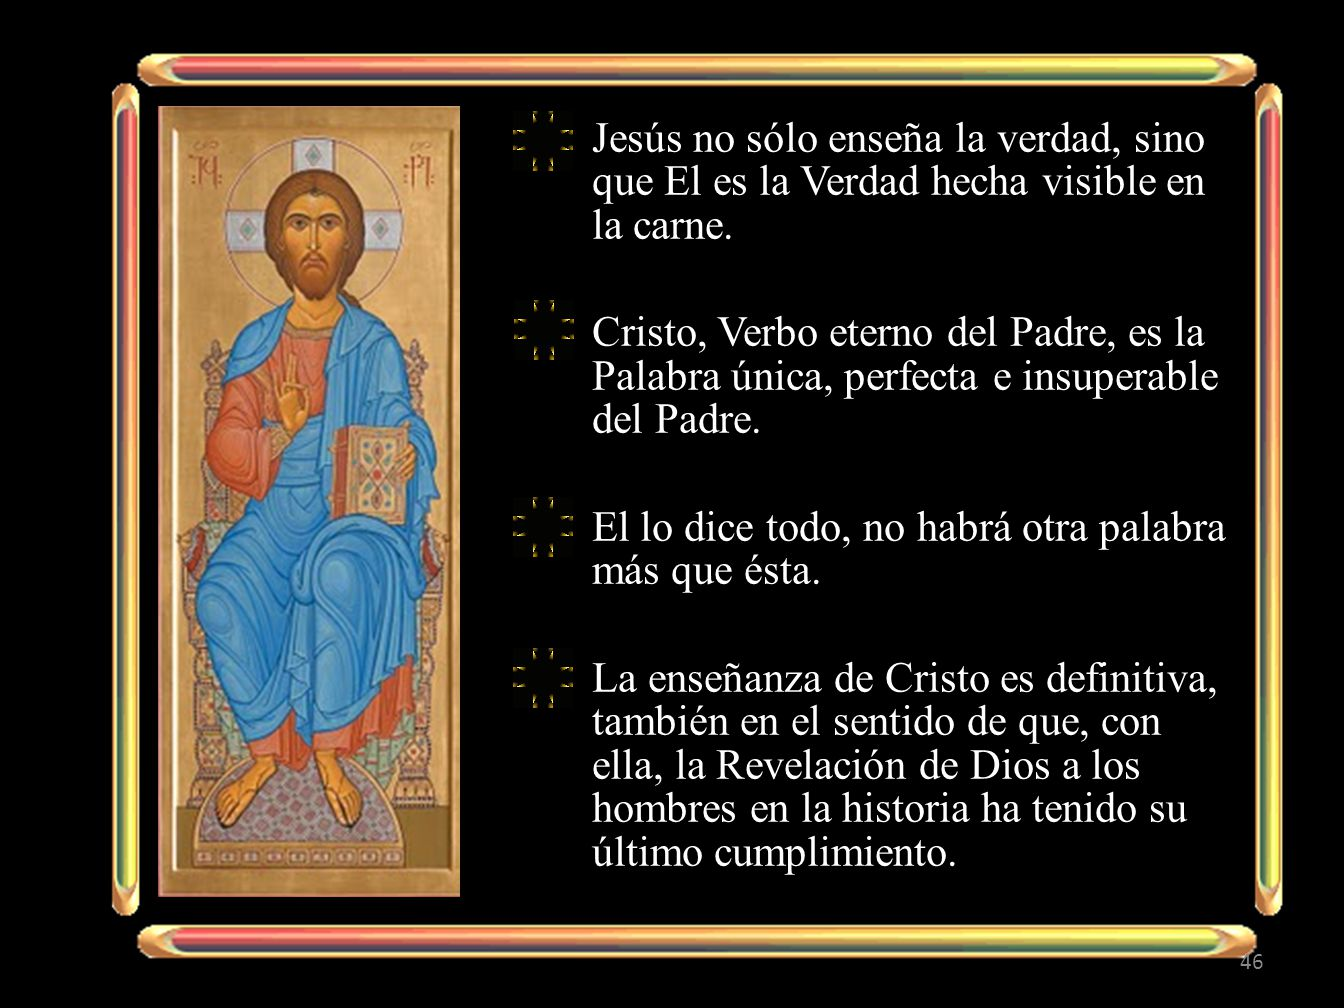 Jesús no sólo enseña la verdad, sino que El es la Verdad hecha visible en la carne.